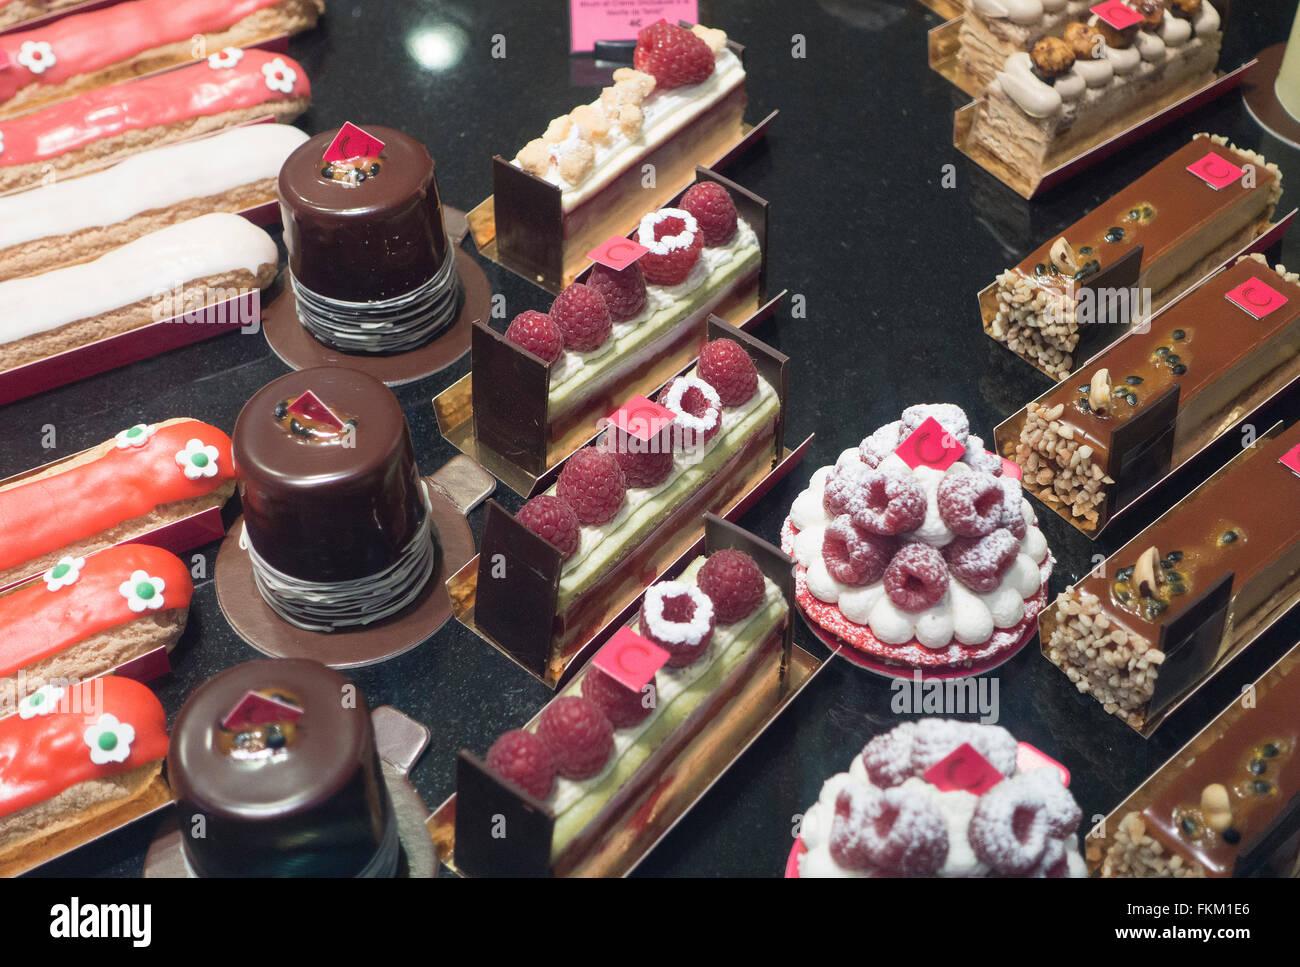 Bordeaux,France: patisserie shop - Stock Image